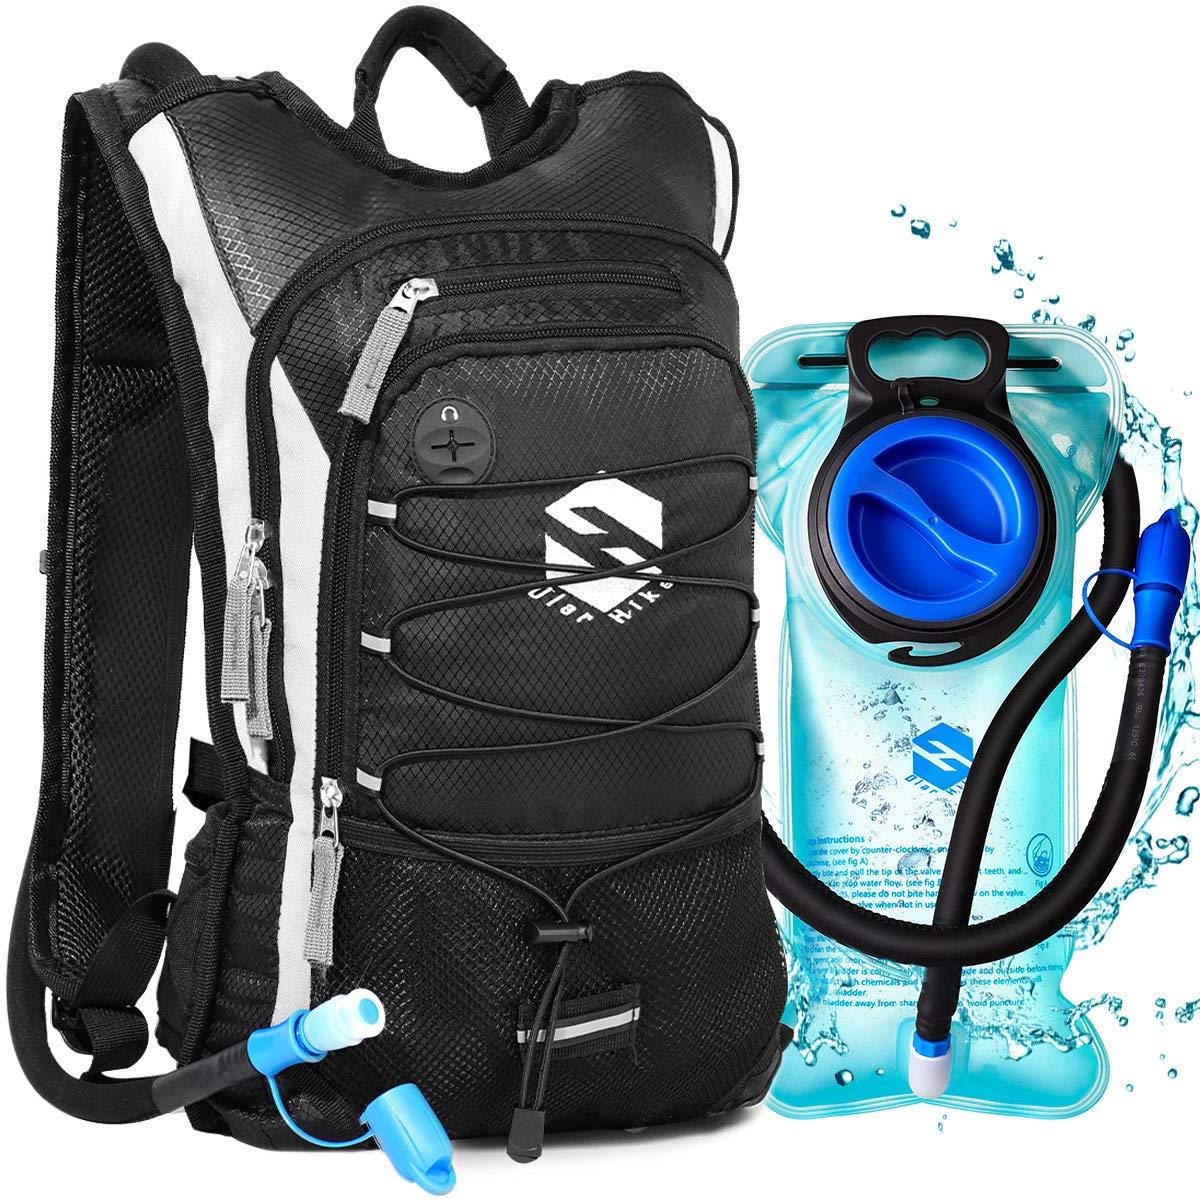 OlarHike Hydration Backpack Leak Proof Insulated